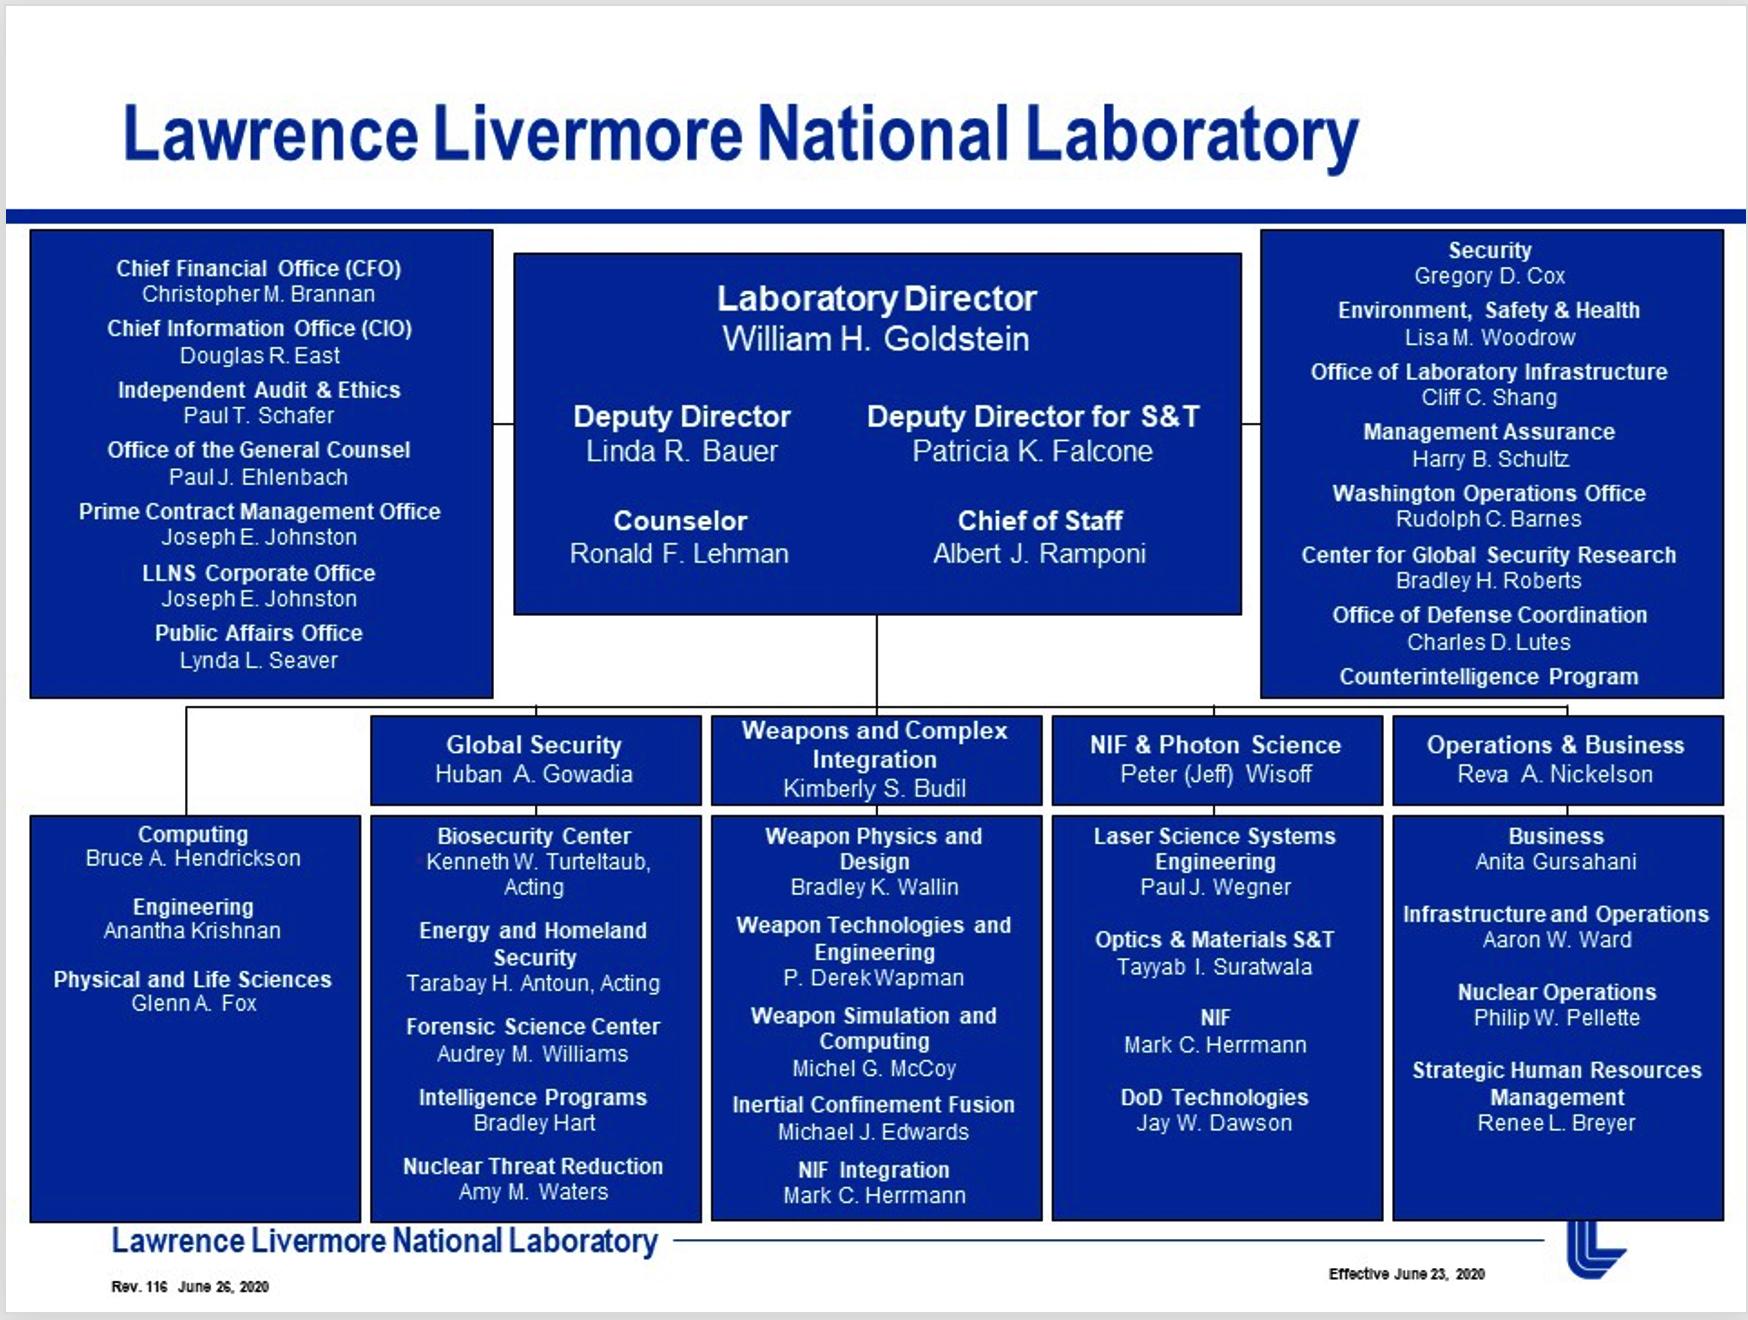 LLNL organizational chart